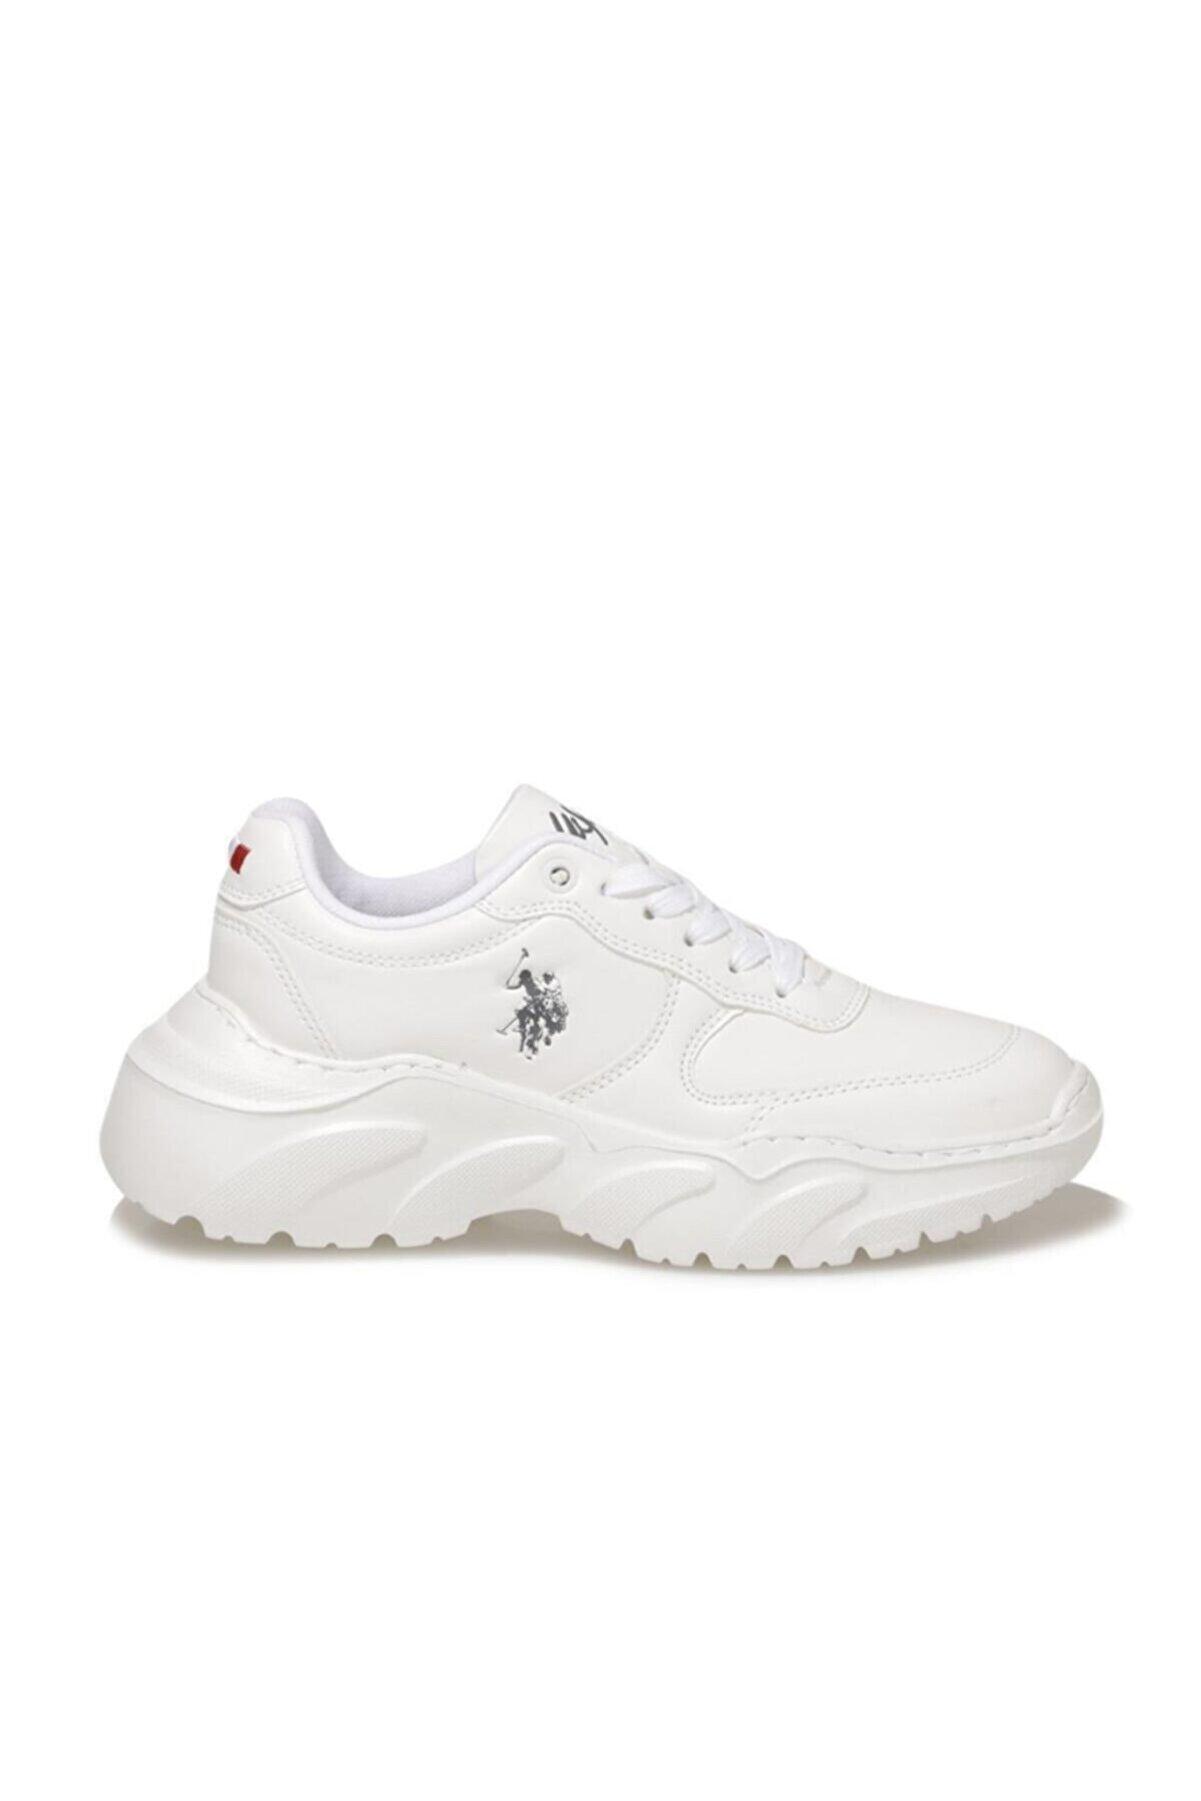 US Polo Assn Kadın Beyaz Lovely Comfort Casual Snekars Ayakkabı